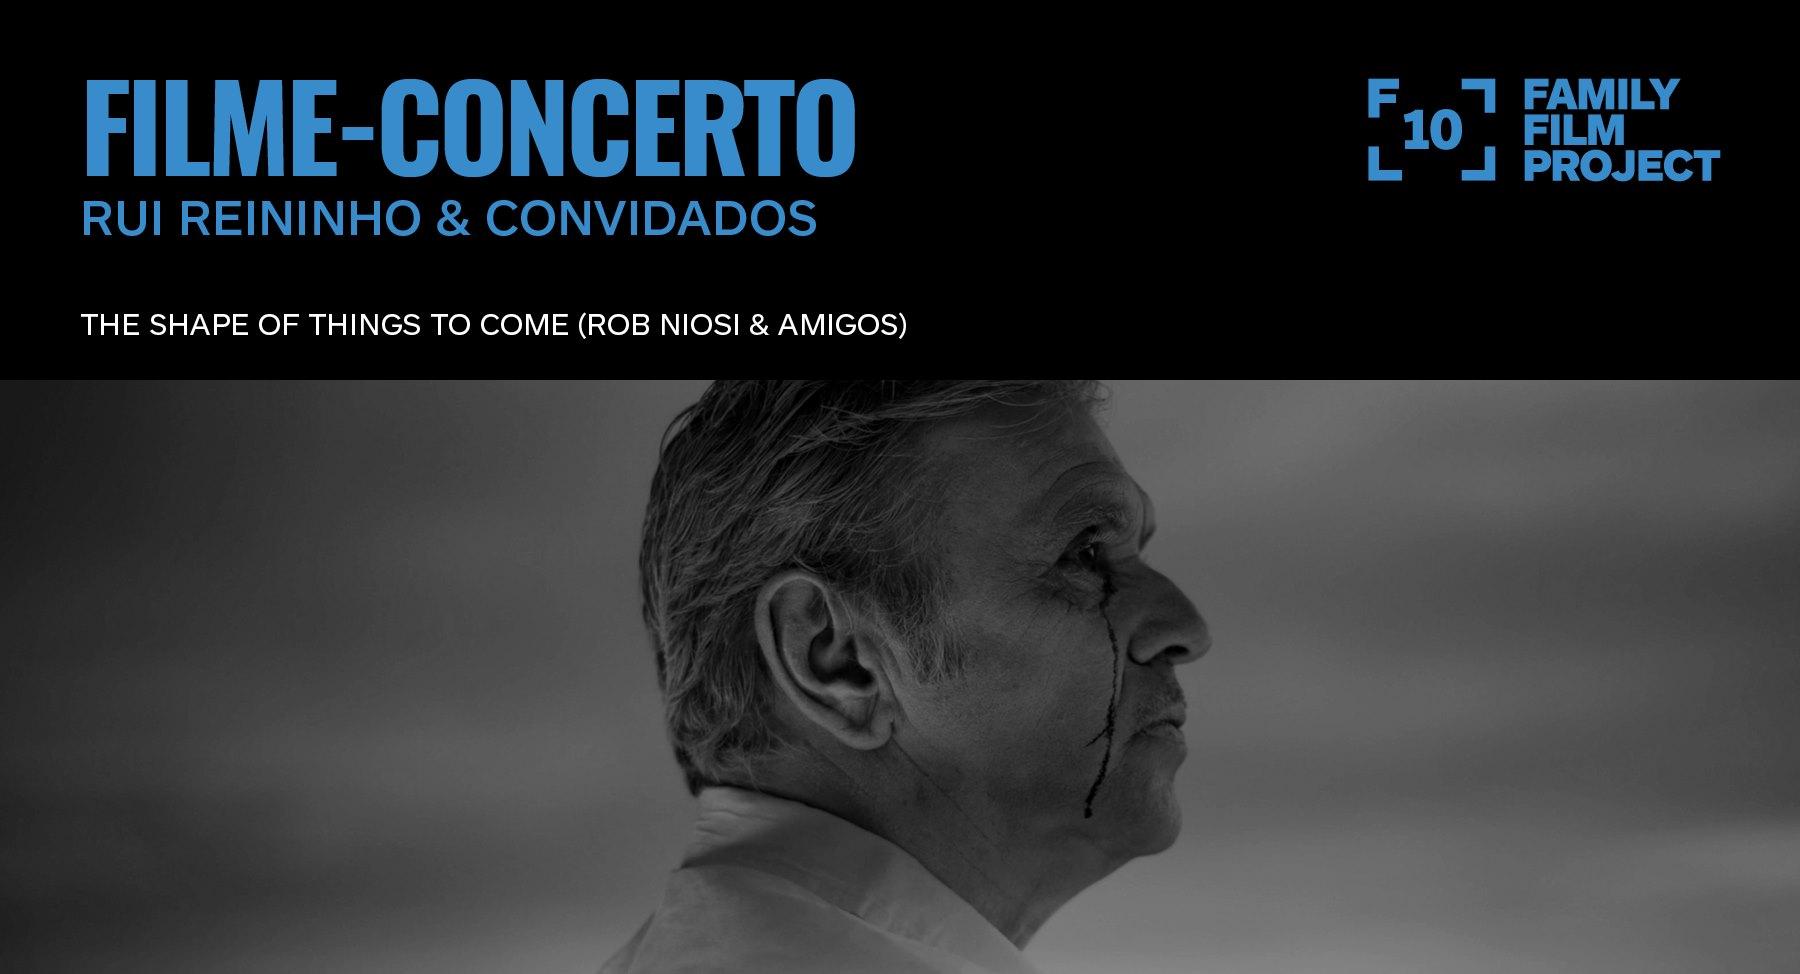 Filme-concerto Rui Reininho & Convidados • The Shape of Things to Come